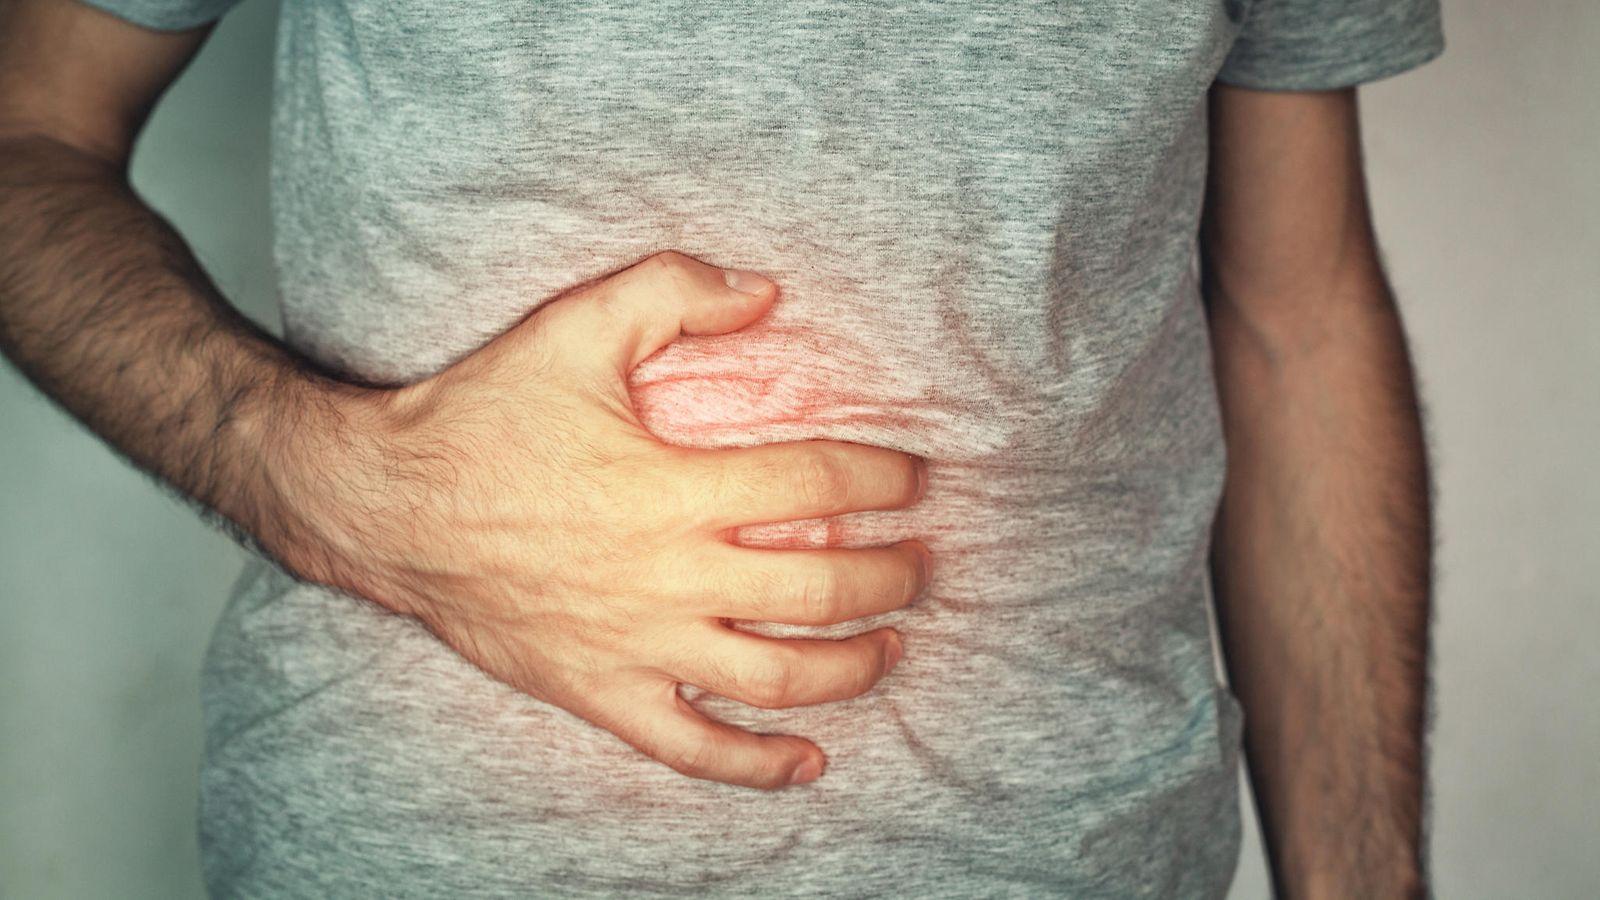 vatsaa polttelee raskausdiabetes